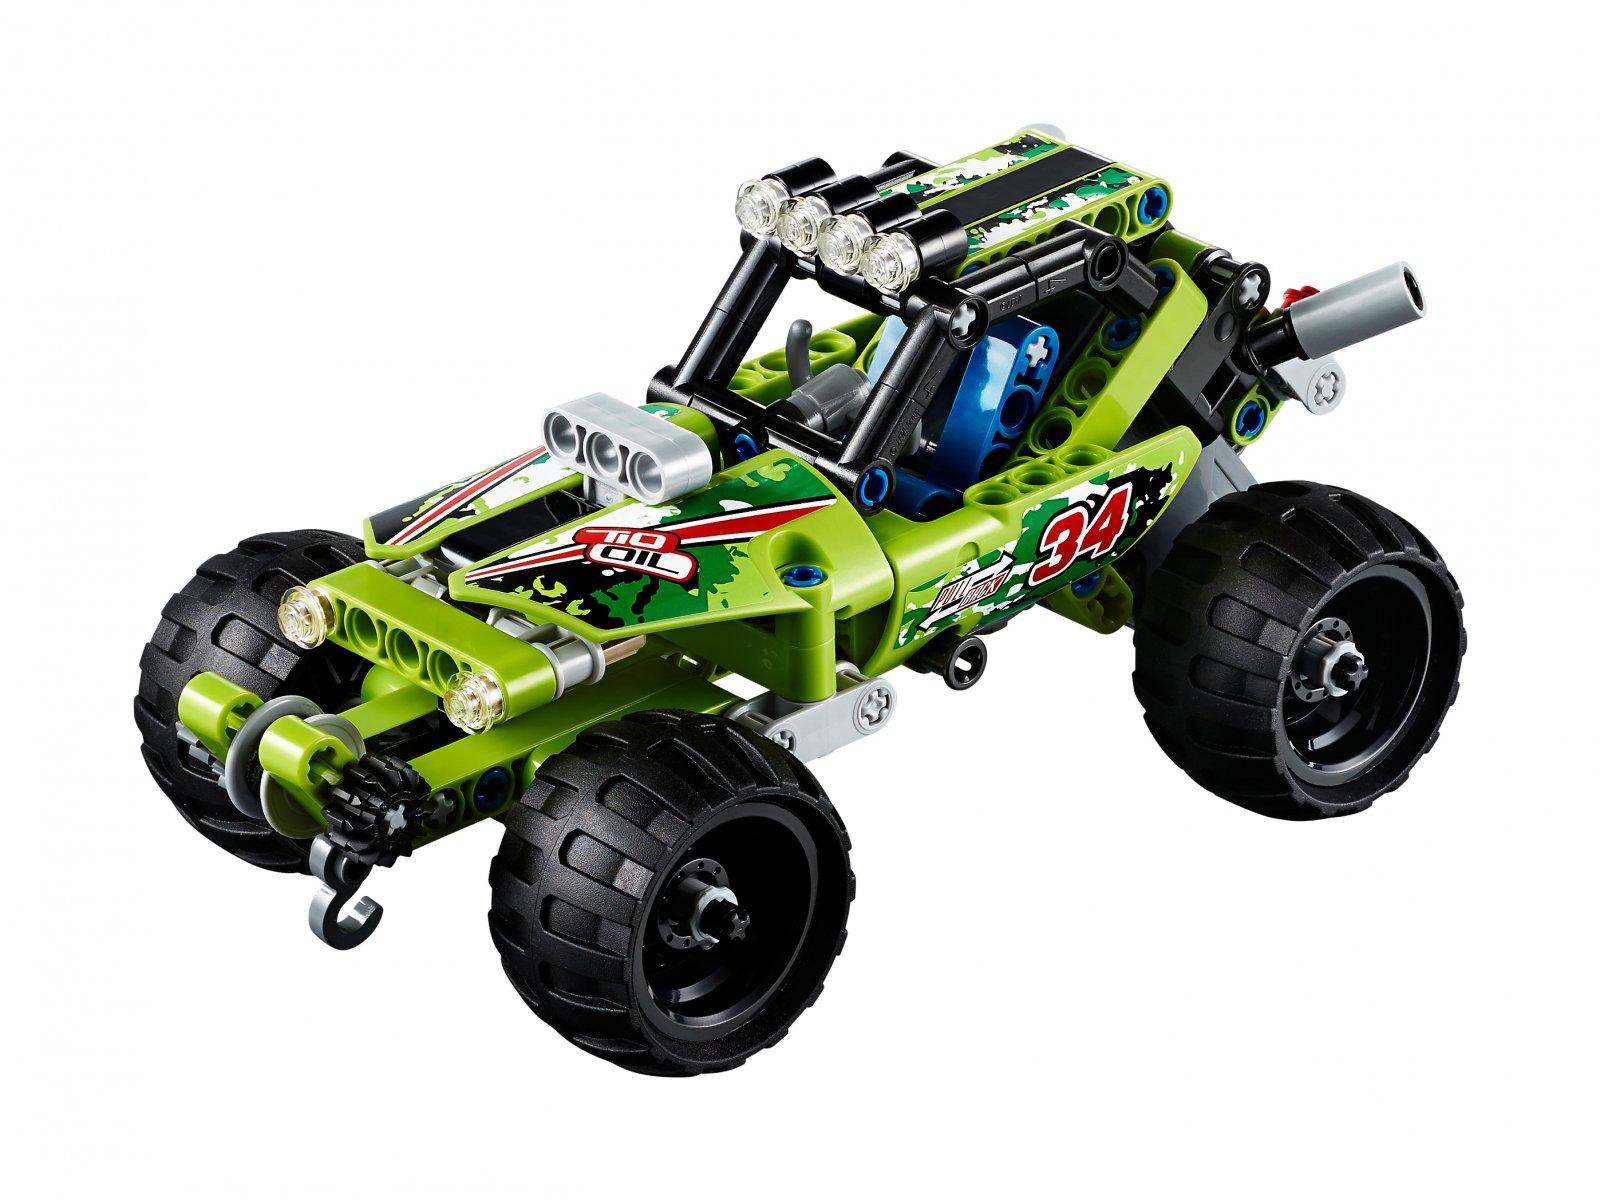 LEGO Technic Pustynna wyścigówka